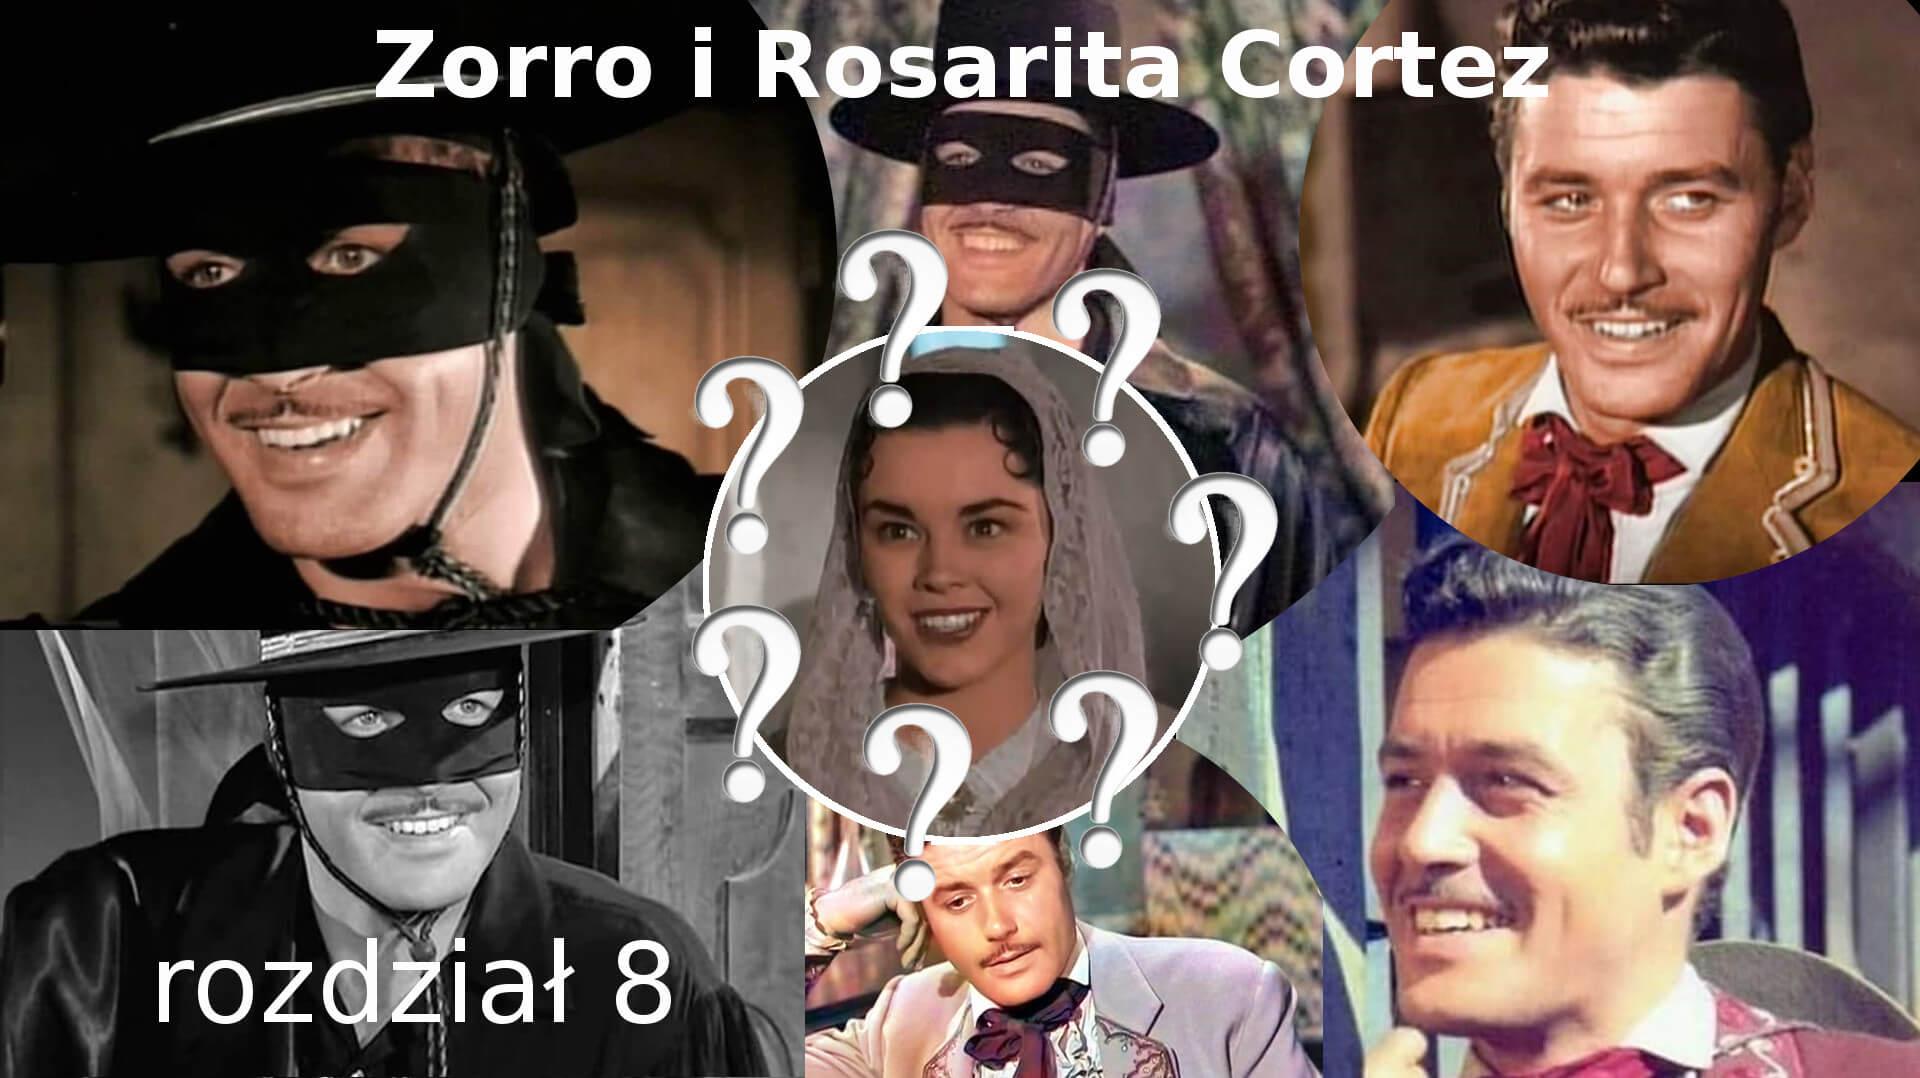 Zorro i Rosarita Cortez rozdział 8 Zorro fanfiction